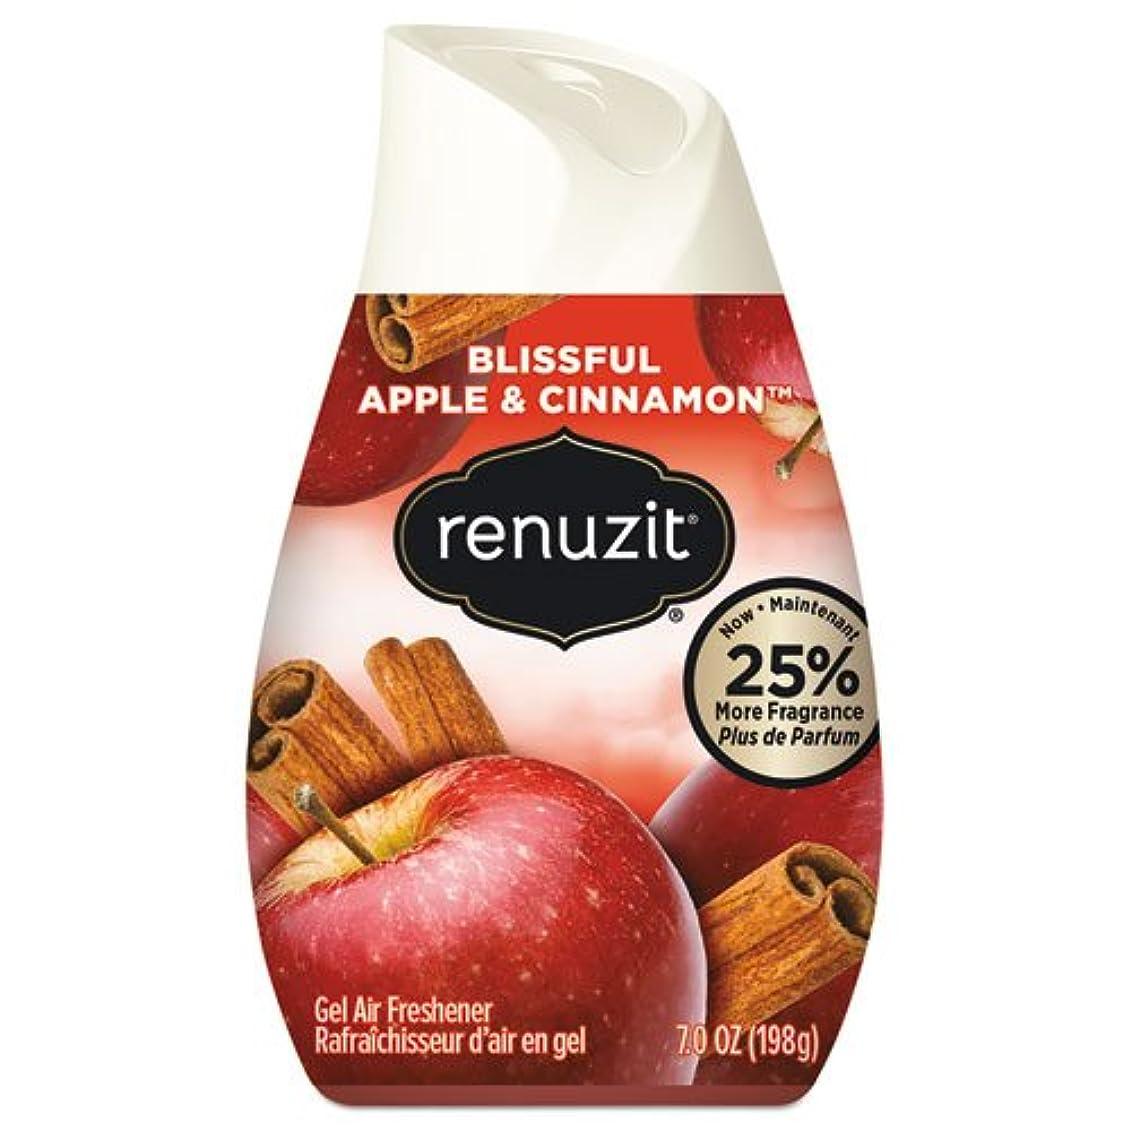 パッケージリズム酒リナジット[Renuzit] エアーフレッシュナーアップル&シナモン198g 芳香剤